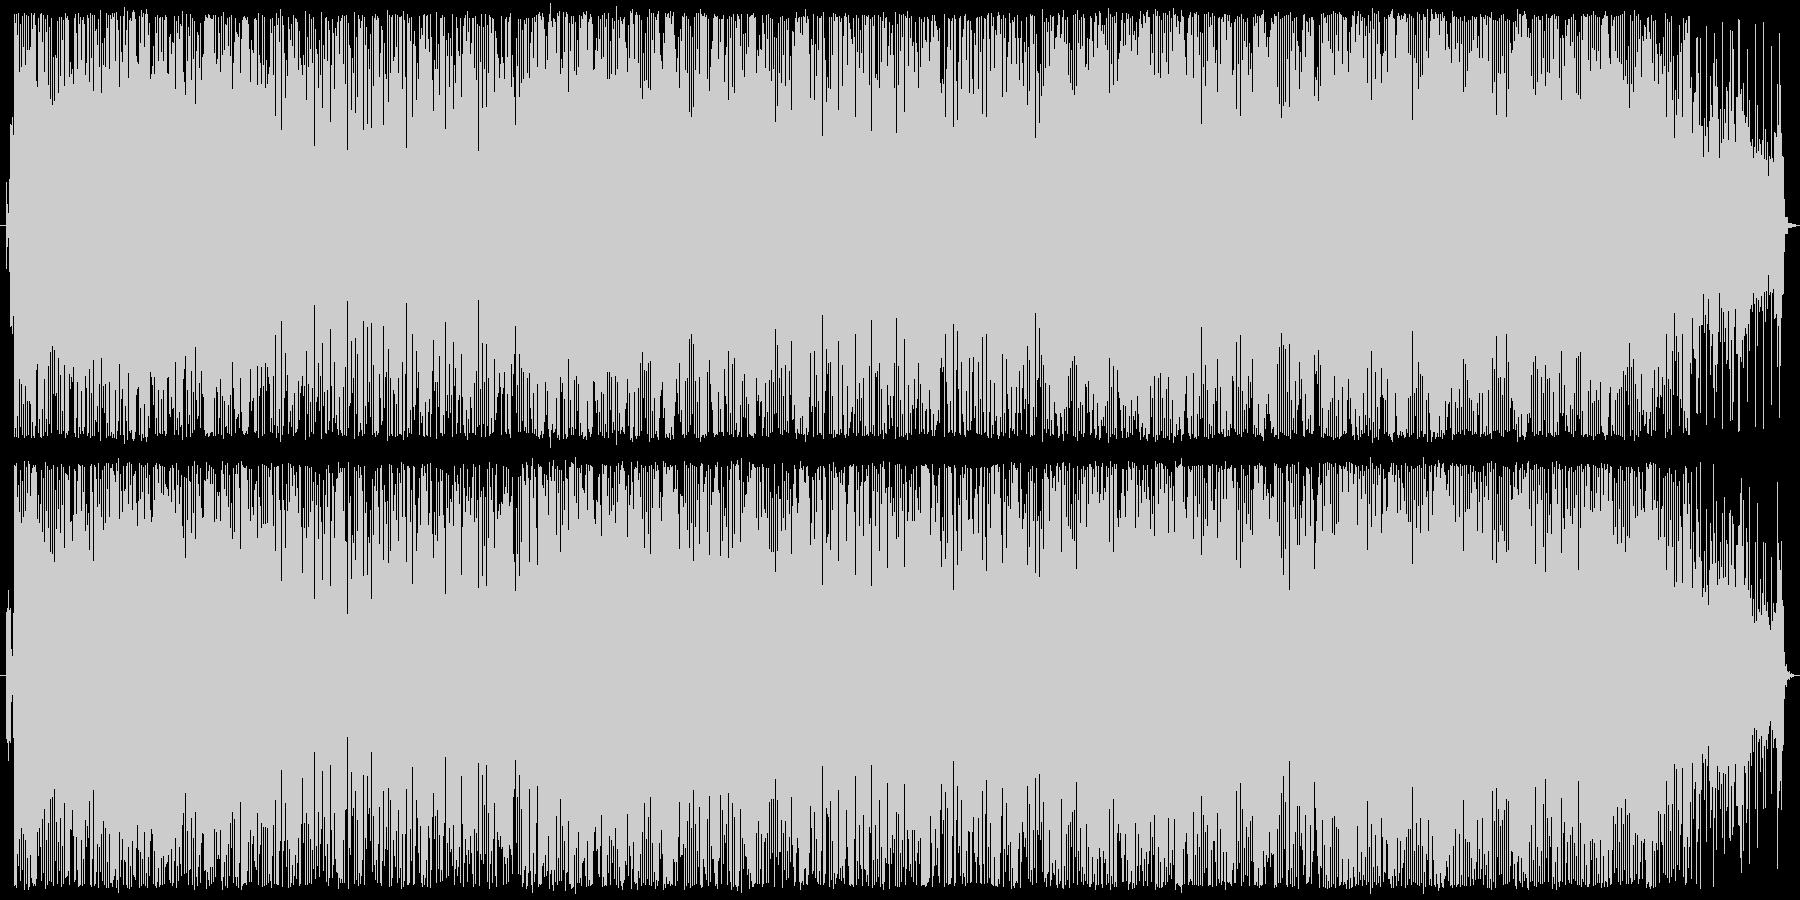 ジャングル系リズムを使ったインスト曲の未再生の波形